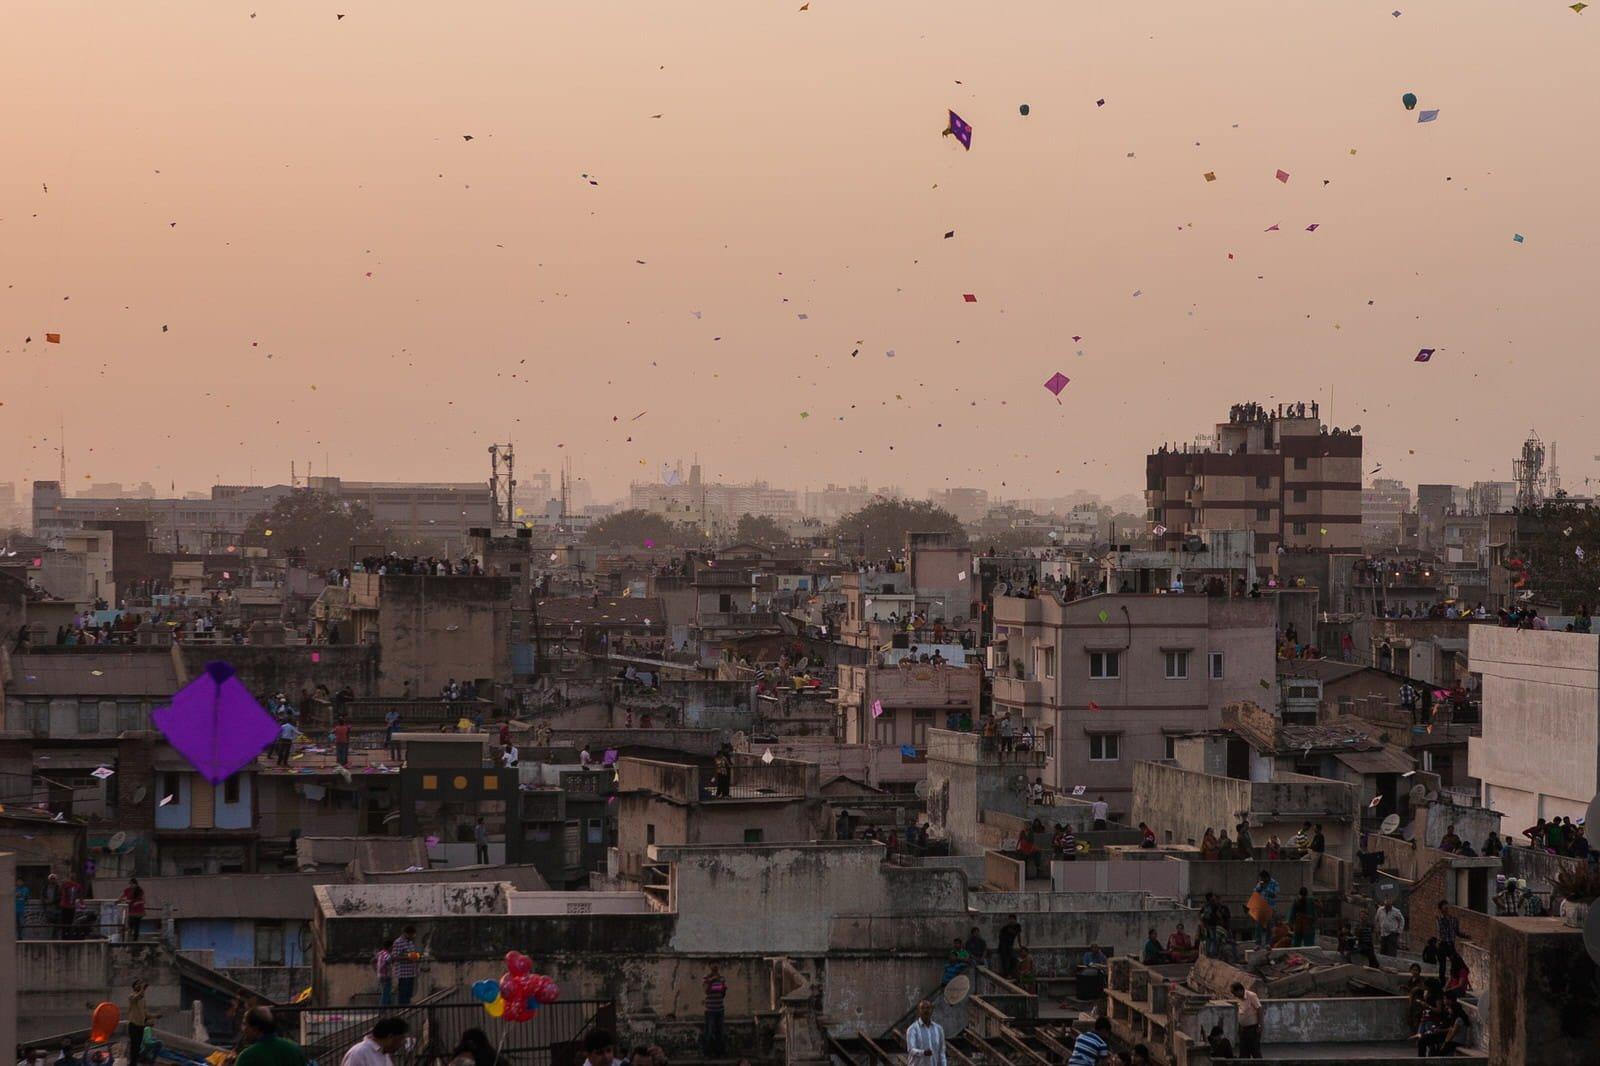 解悶就要放風箏!印度疫情封鎖下的小樂趣